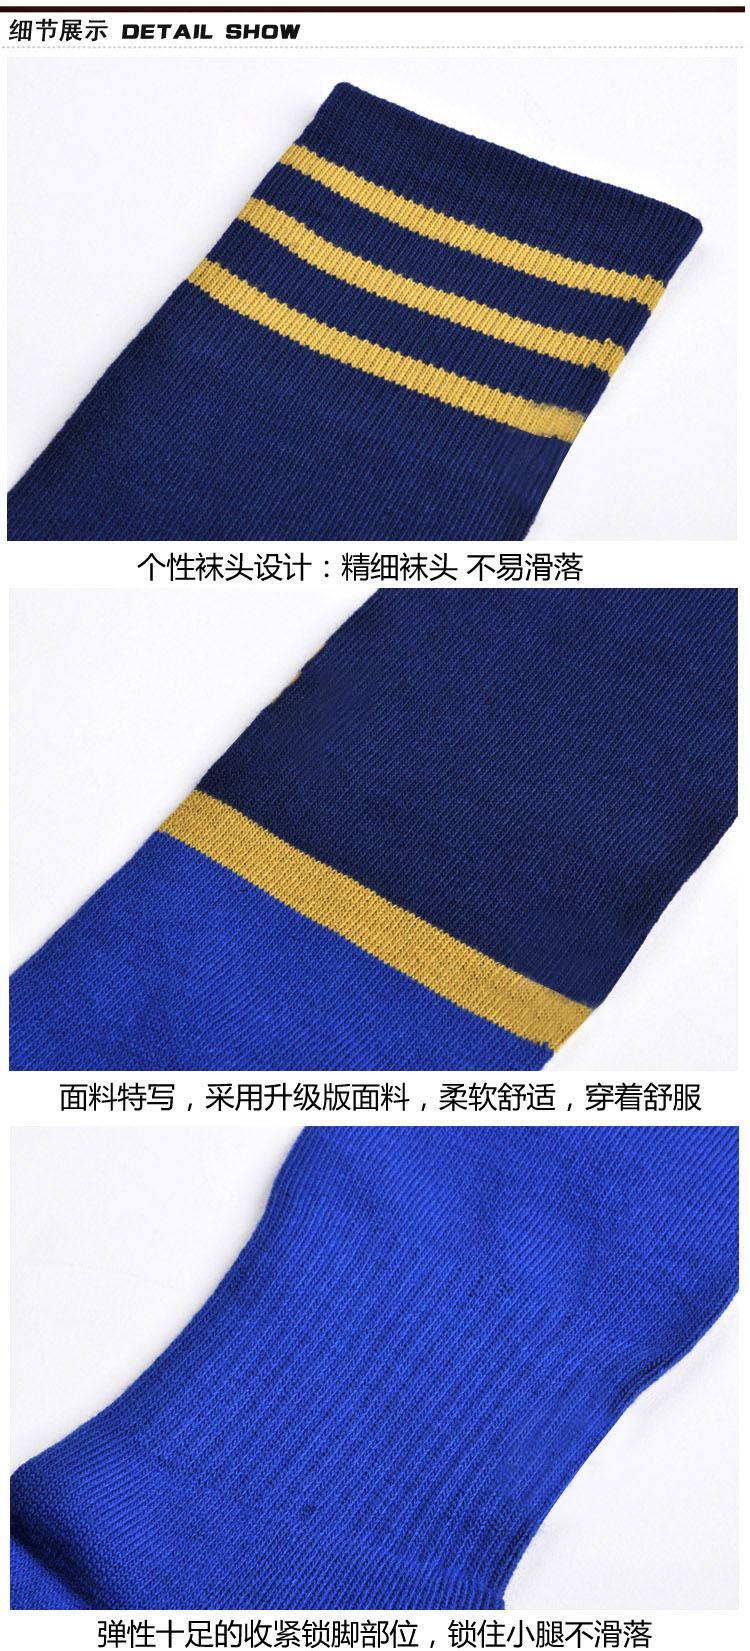 men football socks high quality 100 cotton antiskid soccer socks detail 7